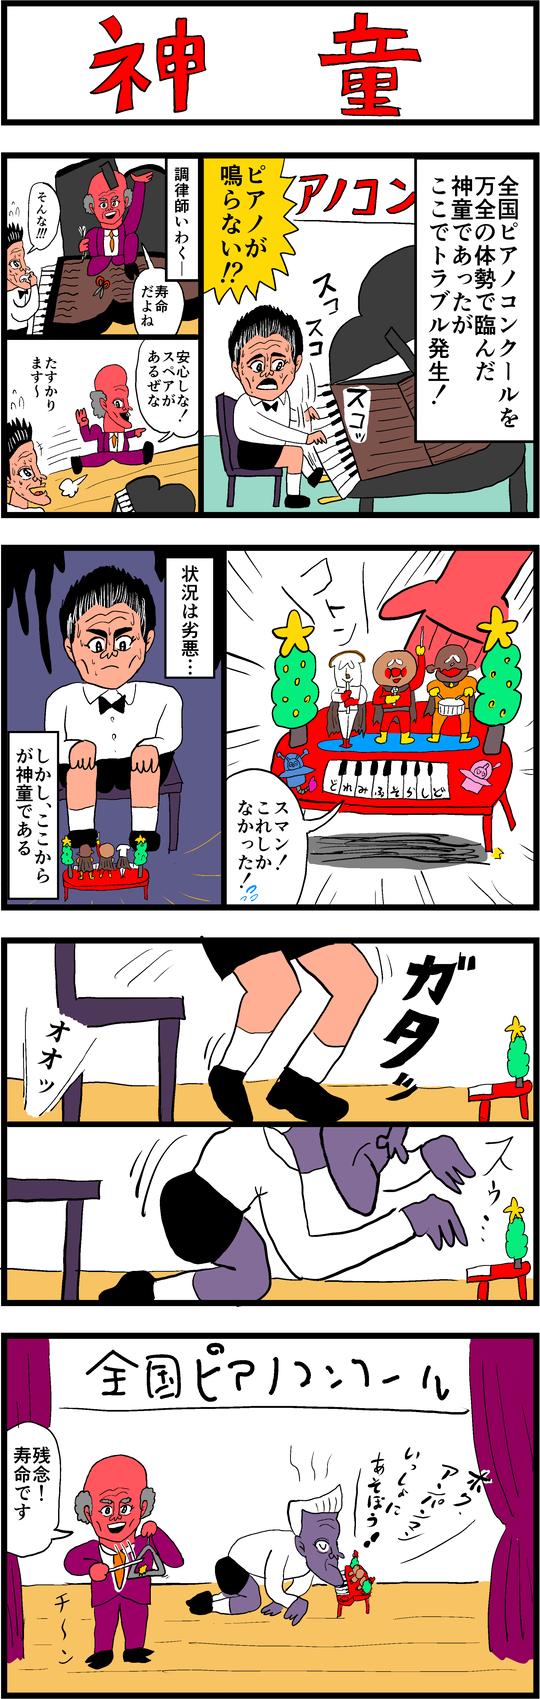 【4コマ漫画】神童